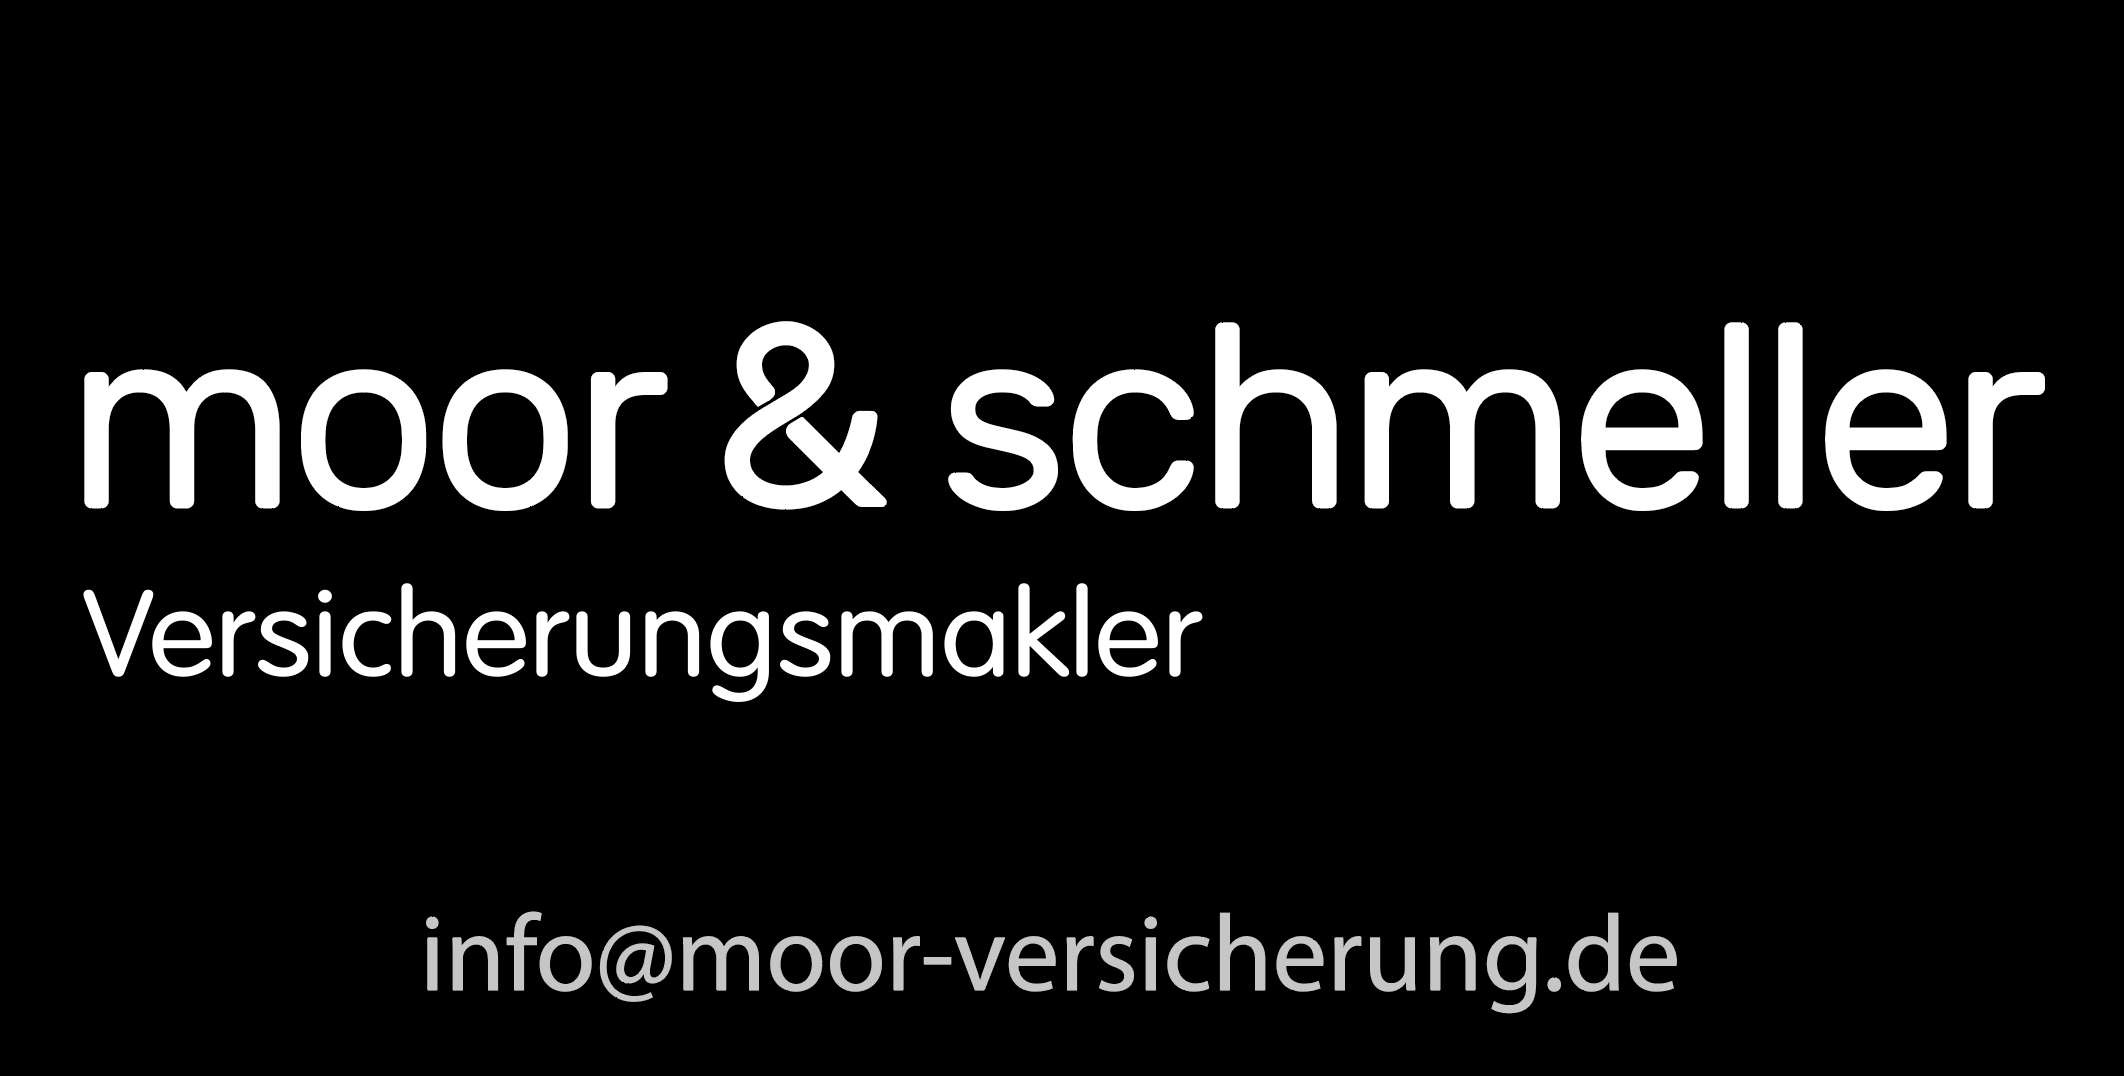 Moor & Schmeller